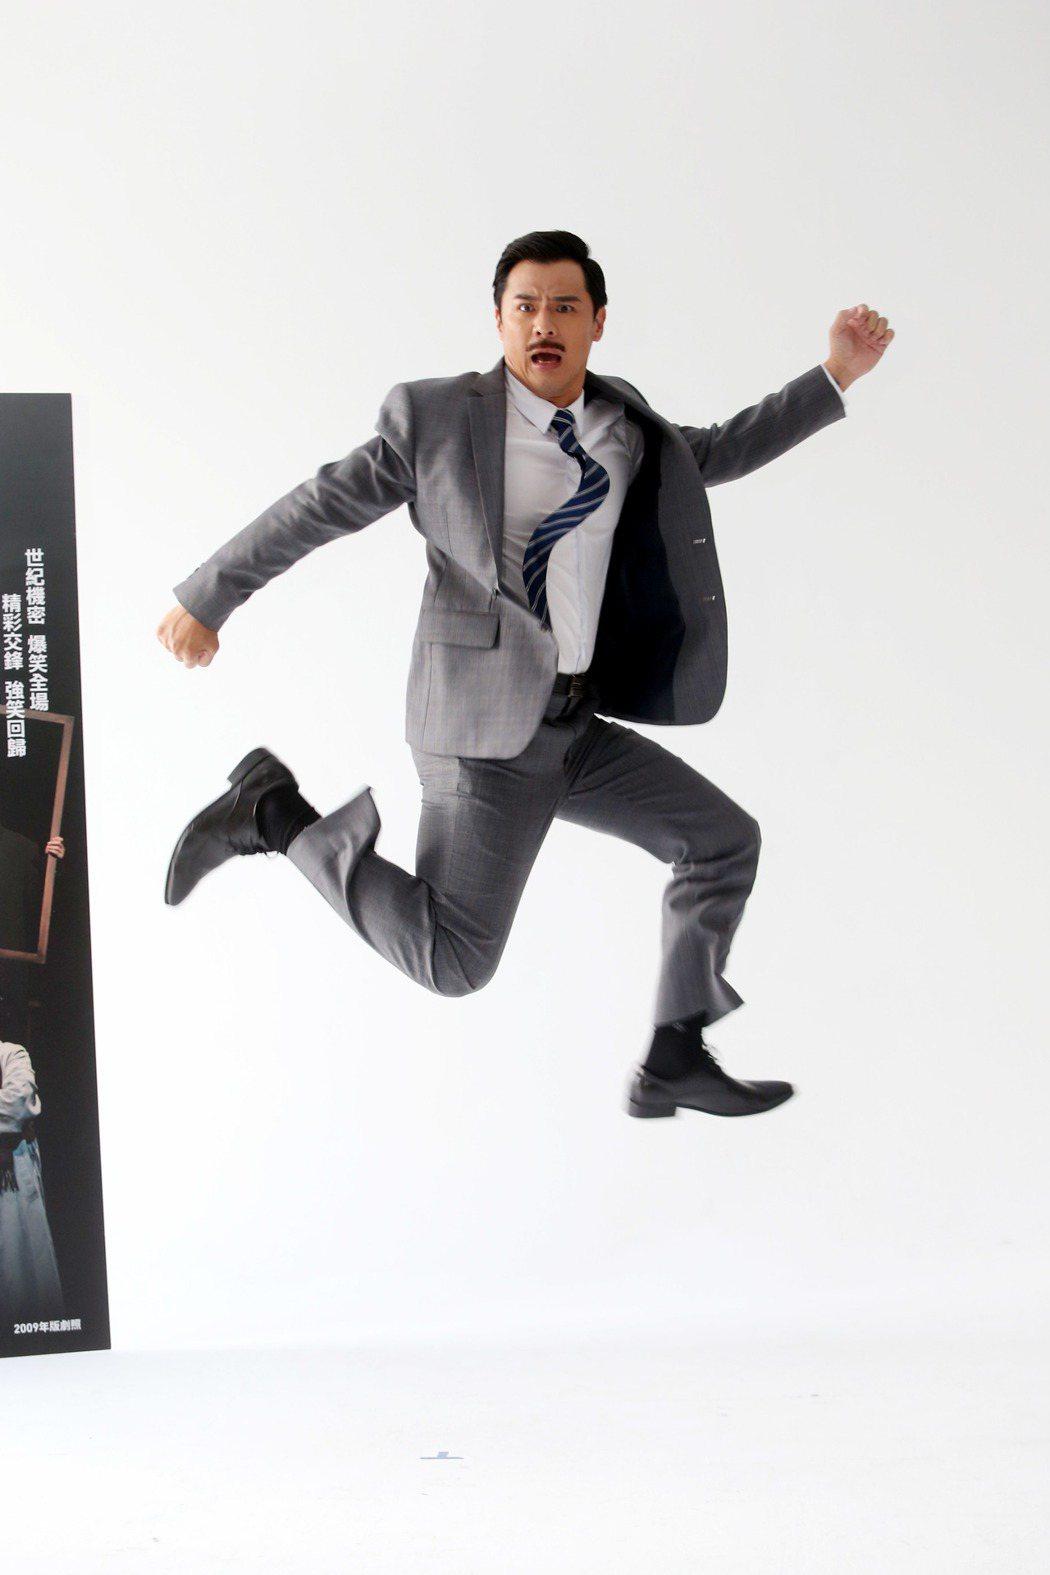 果陀劇場間諜偵探喜劇《步步驚笑》將於3月起全台第三刷巡演,竇智孔變身007演出。...